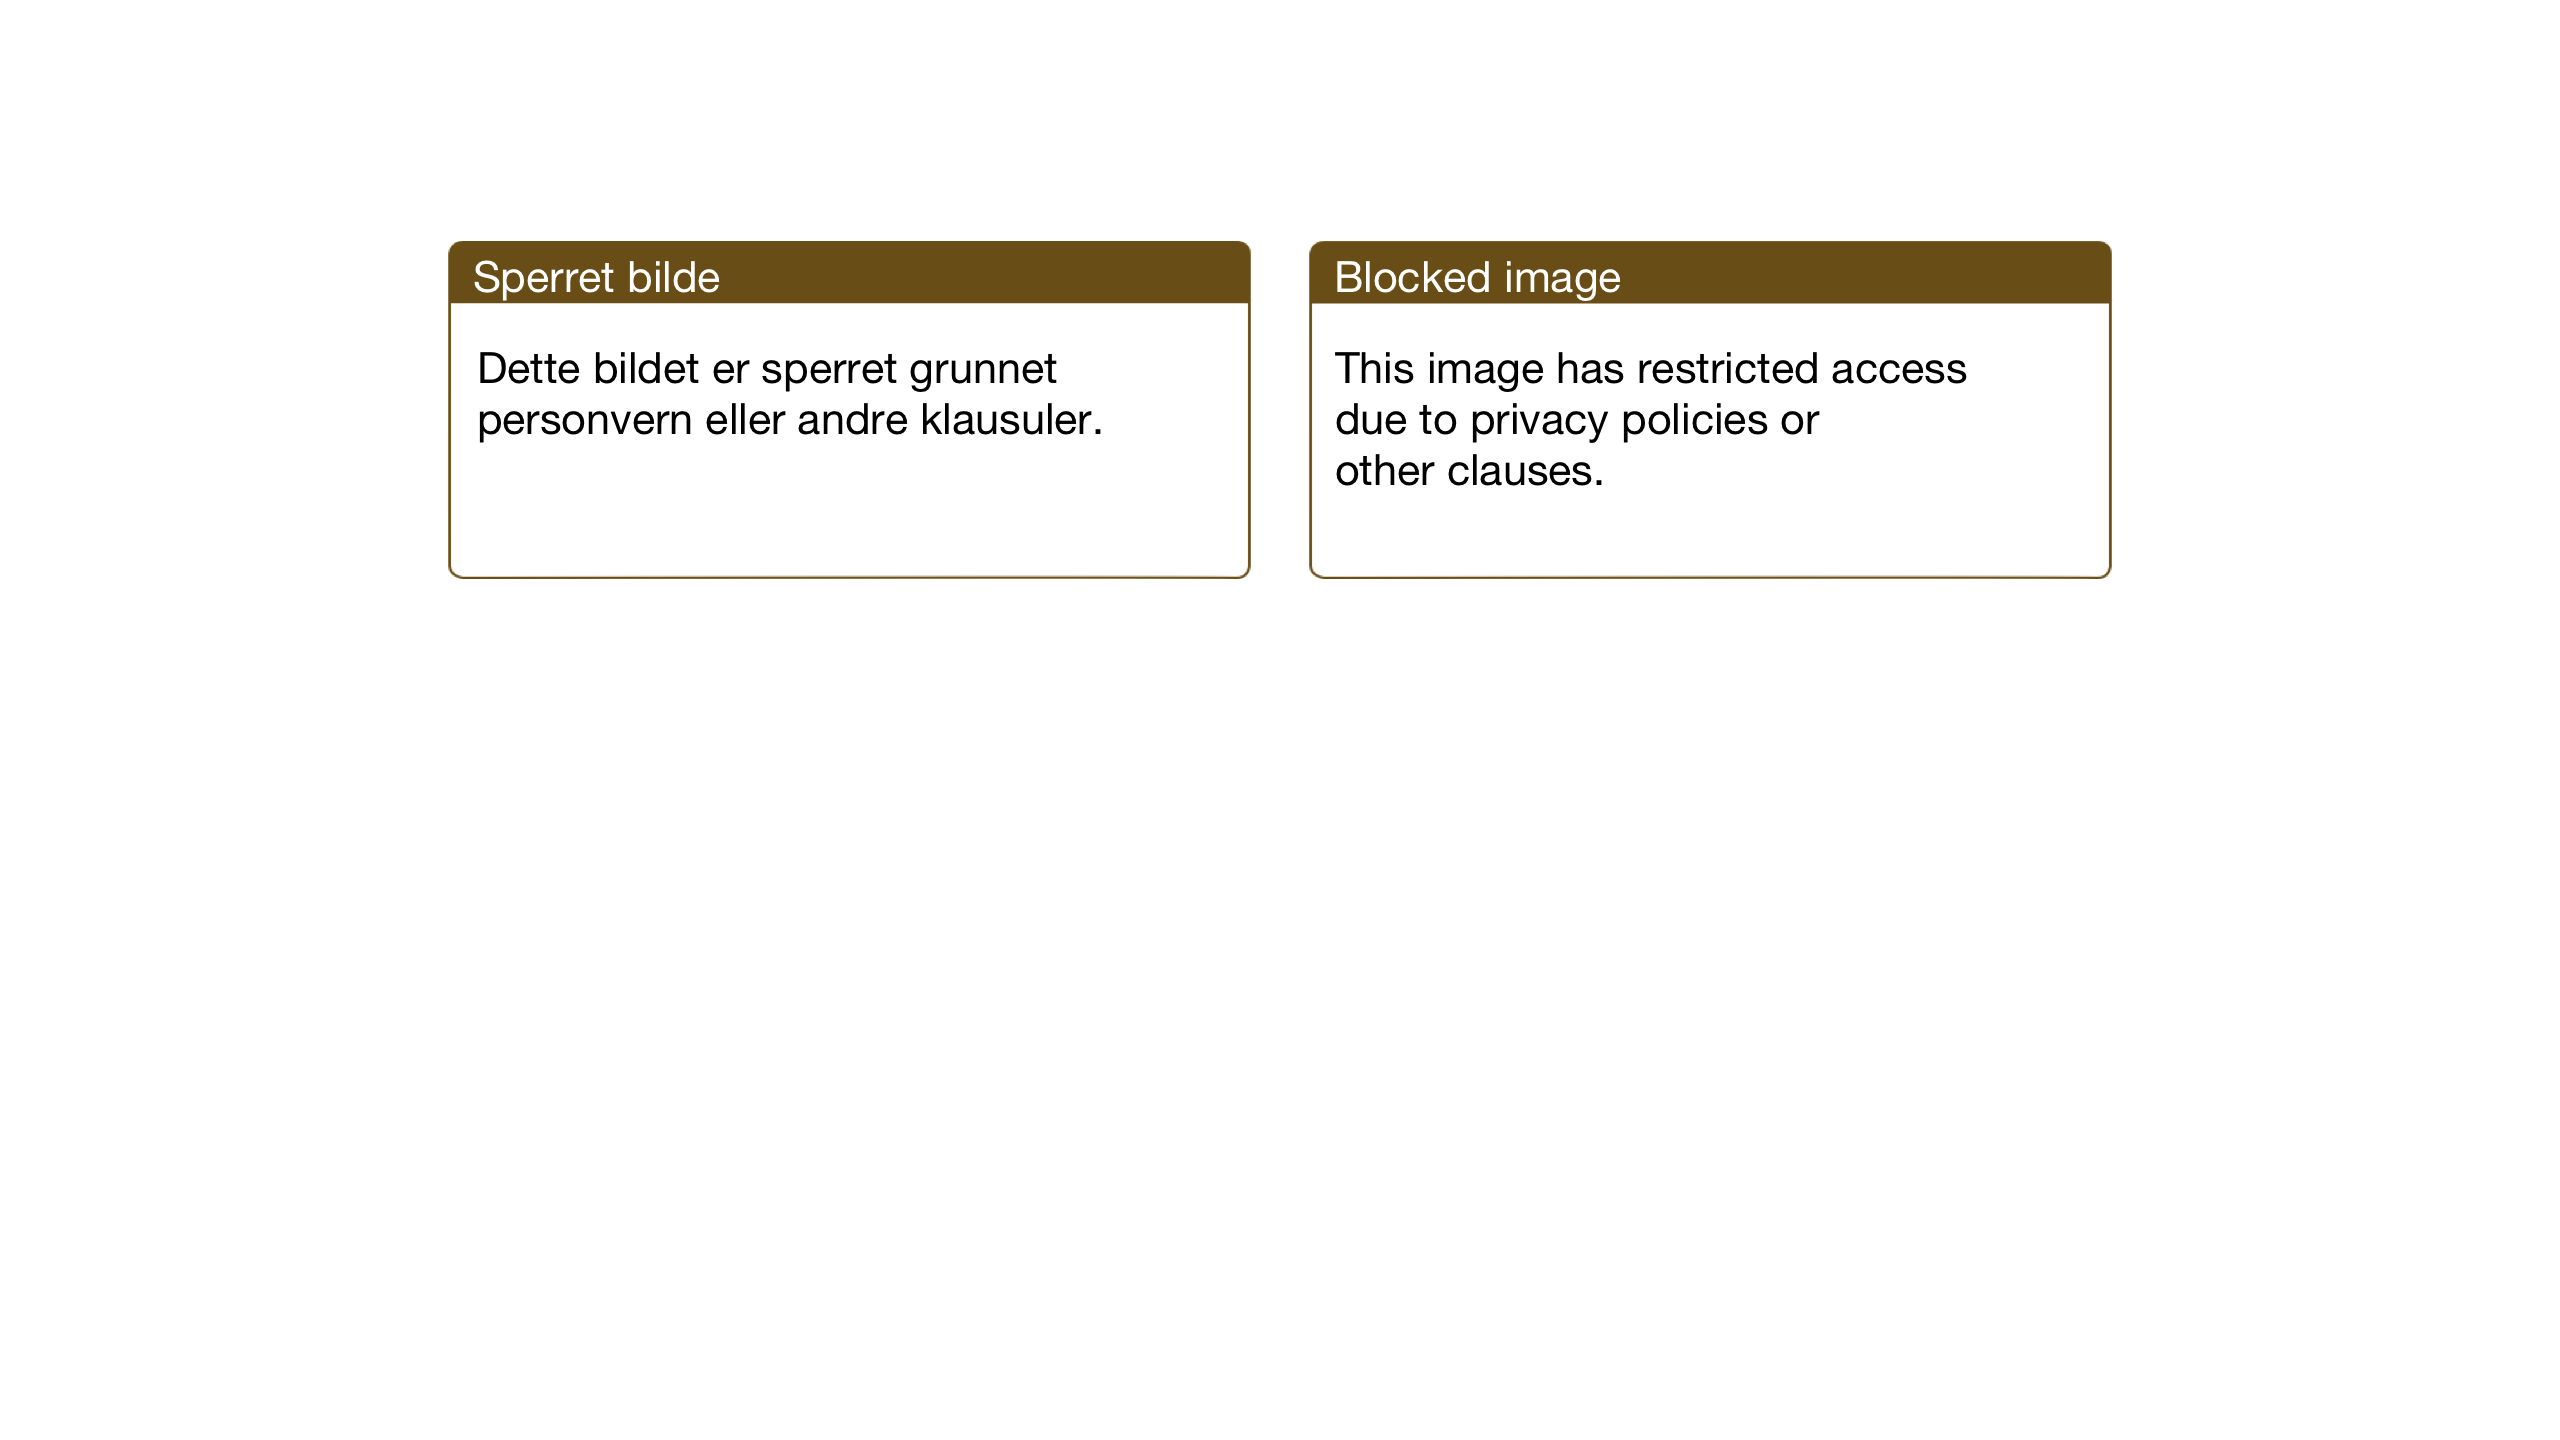 RA, Justisdepartementet, Sivilavdelingen (RA/S-6490), 1995-1998, s. 1